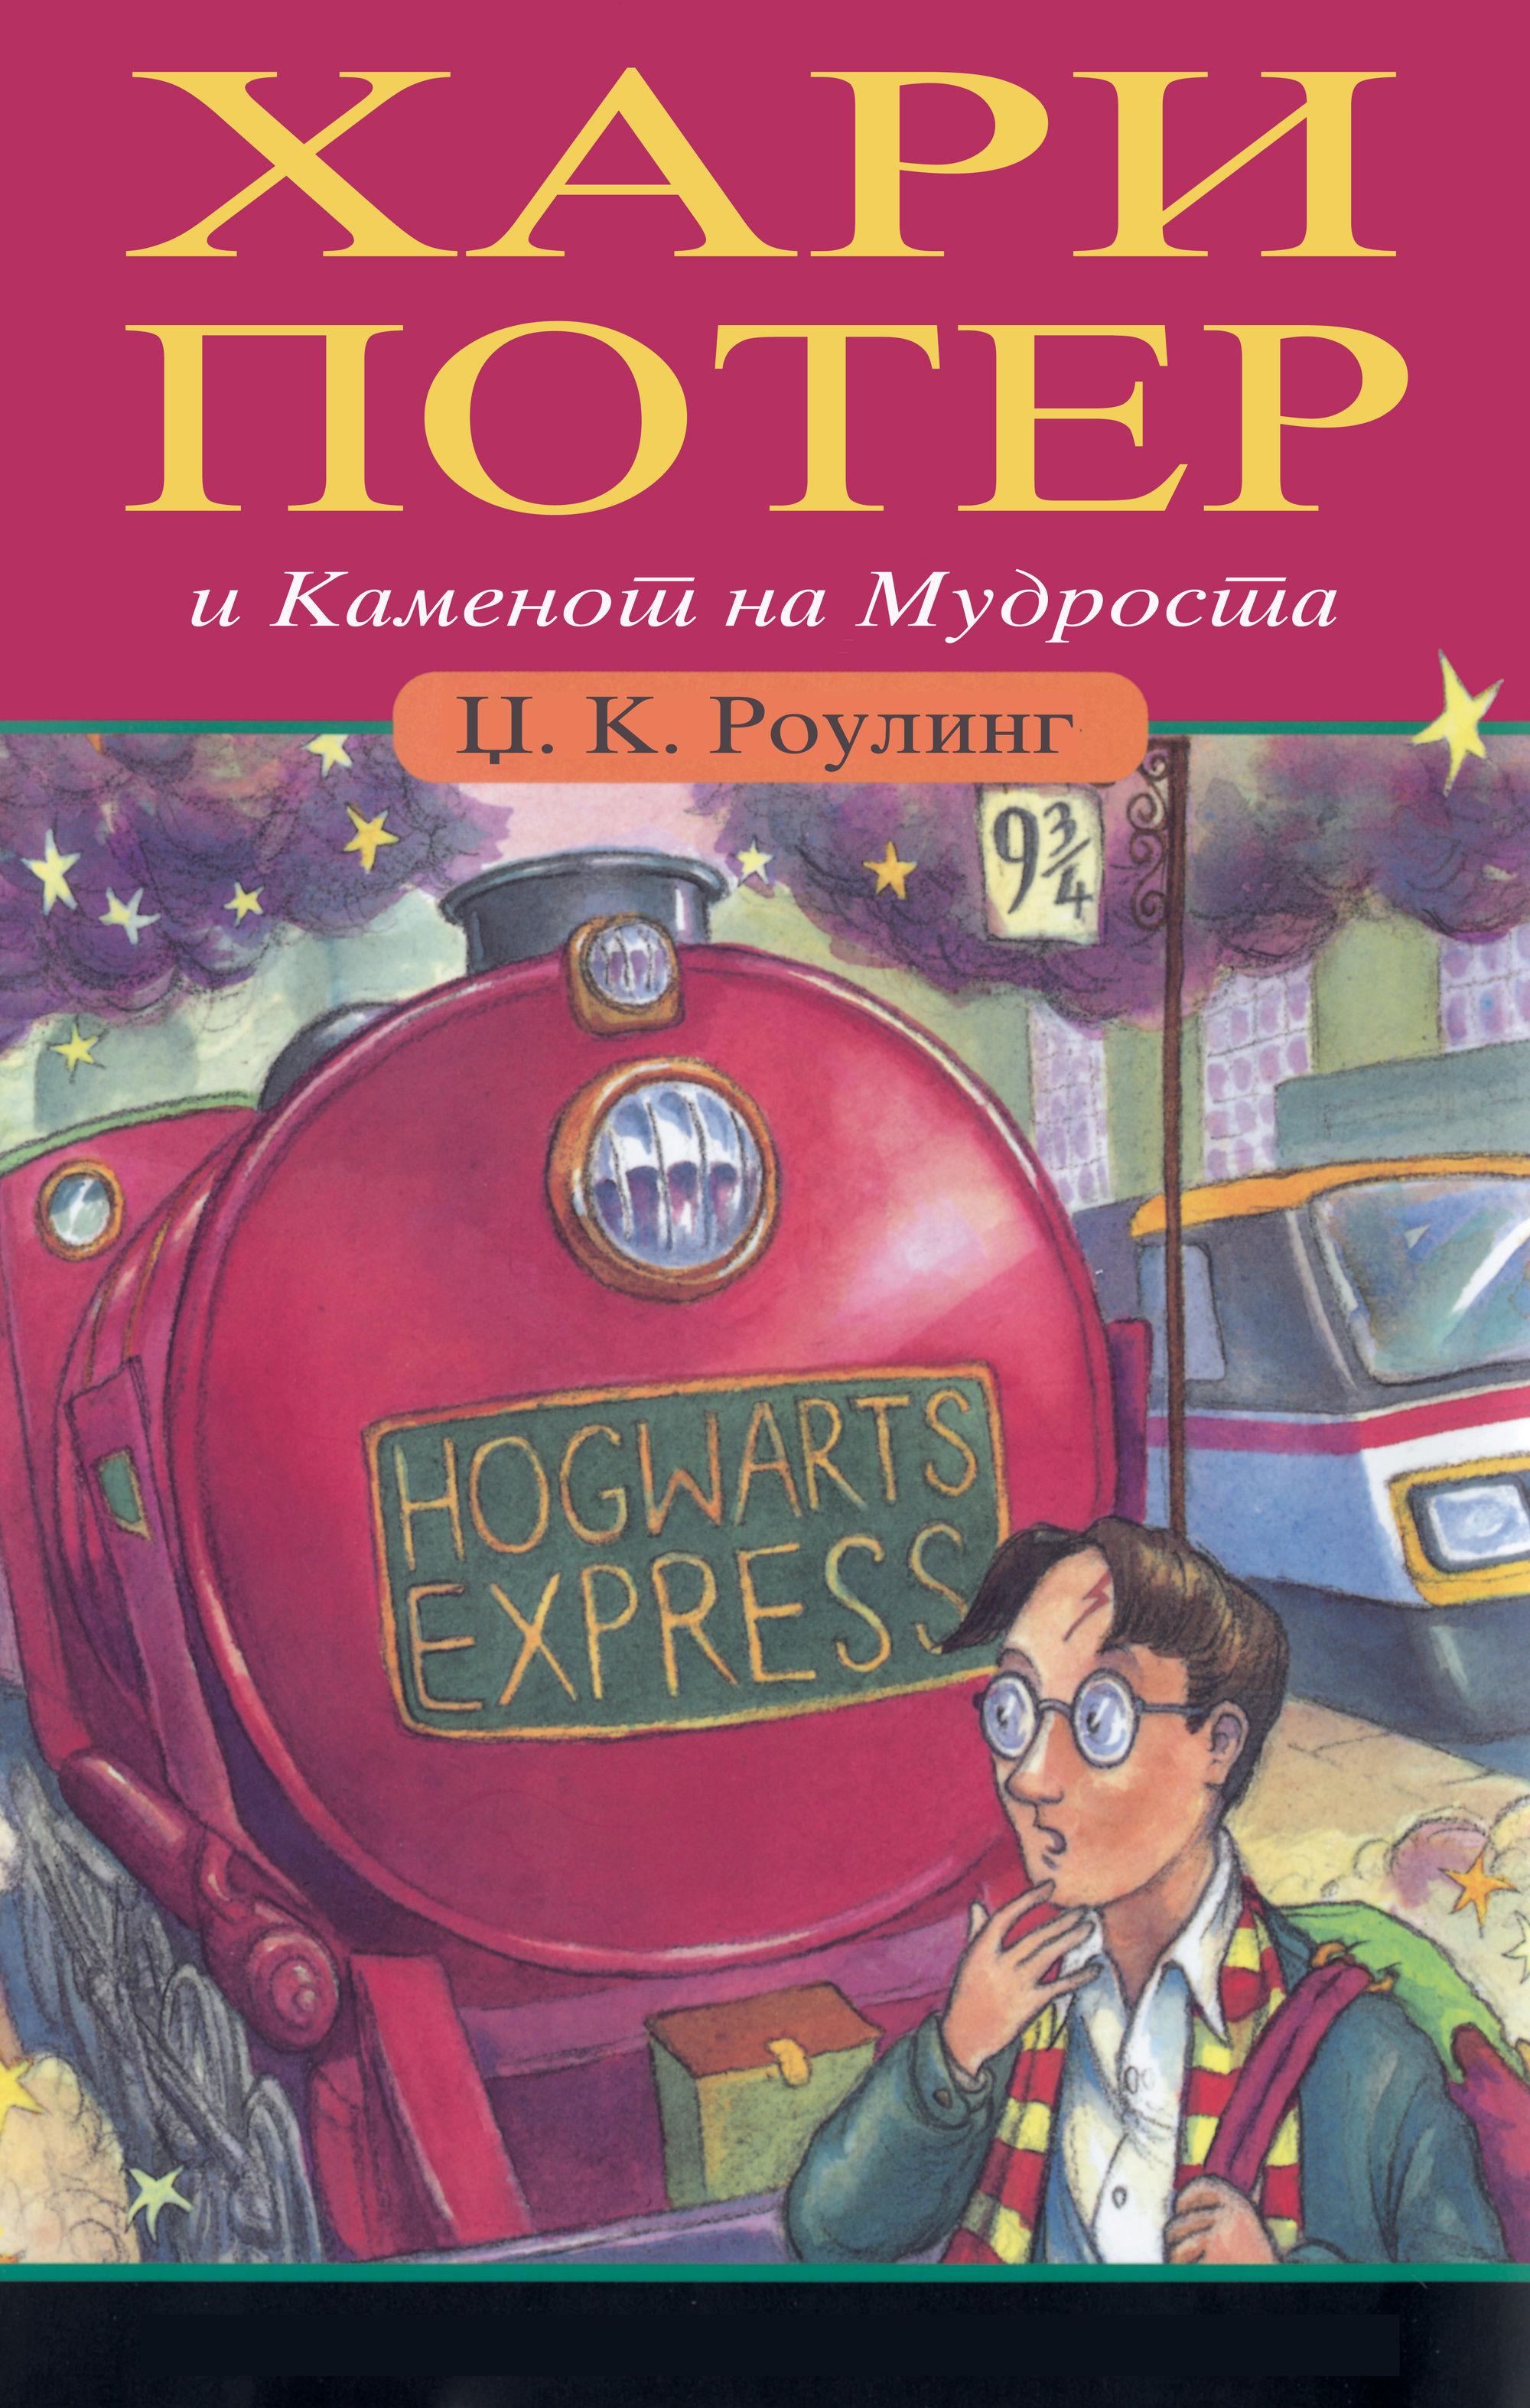 PS-Cover MK Original.jpg